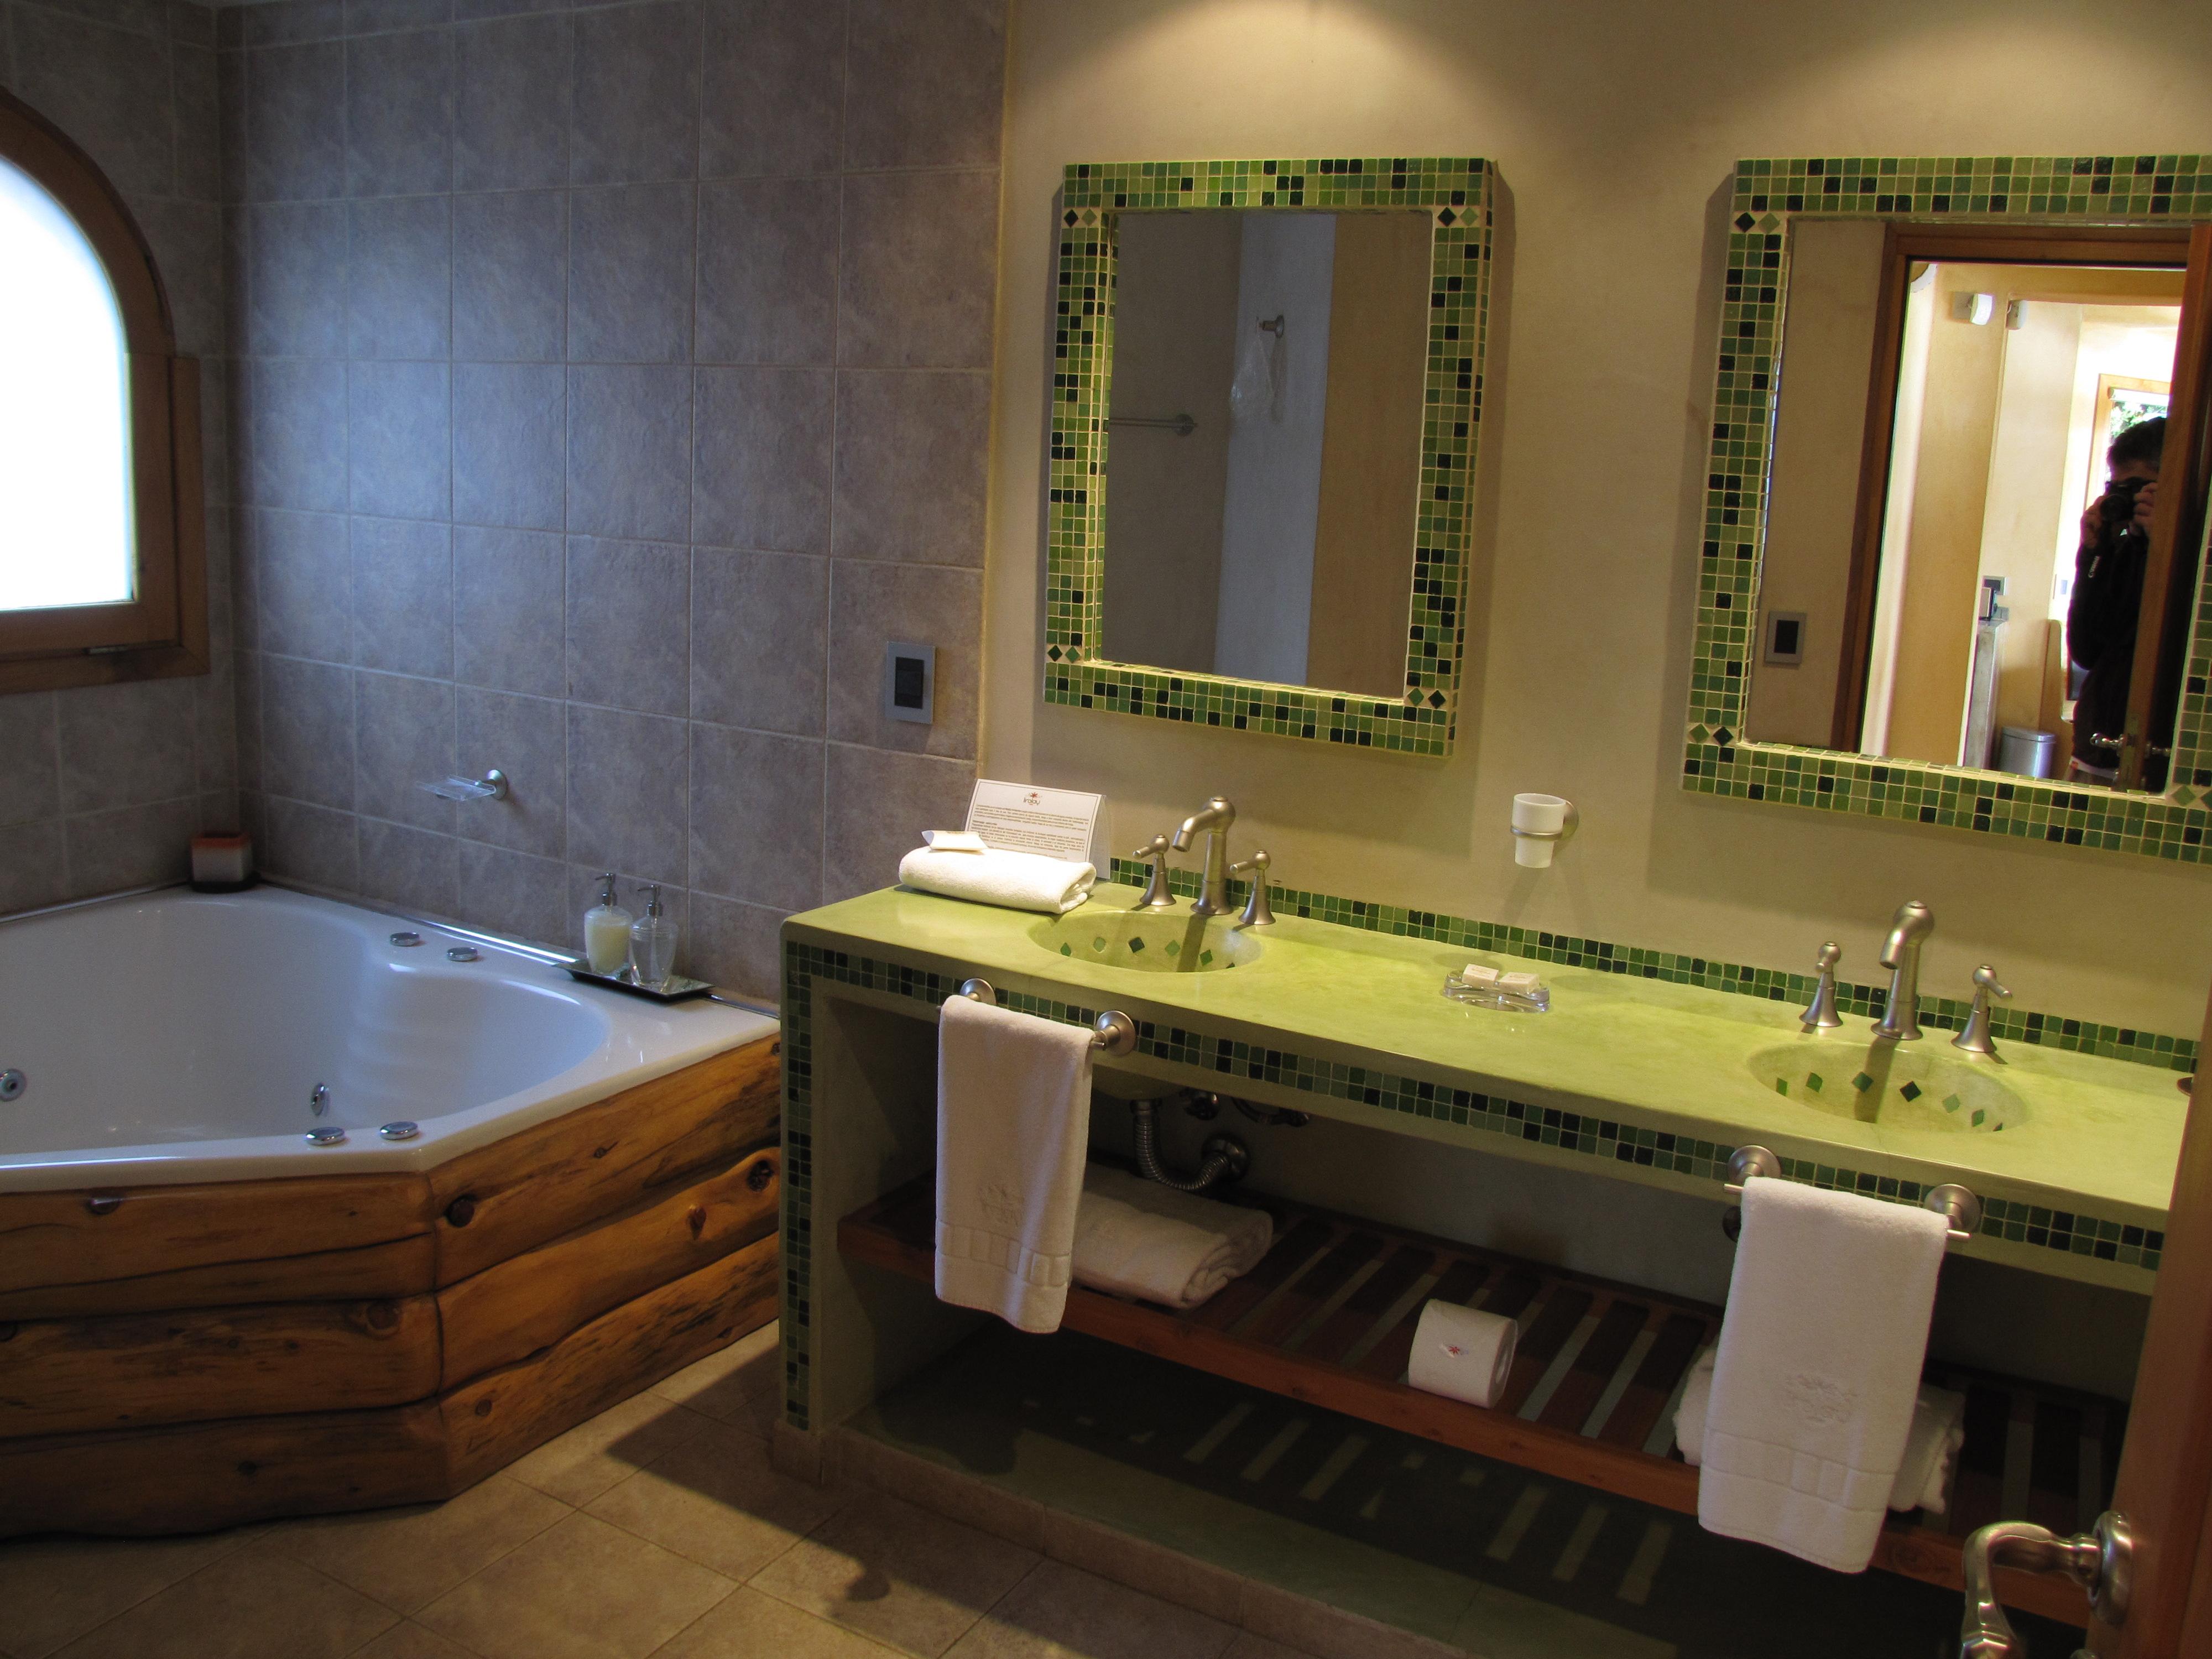 Hotel Lirolay em Bariloche – uma cabana de montanha para chamar de  #938438 4000x3000 Banheiro Compartilhado Em Hotel